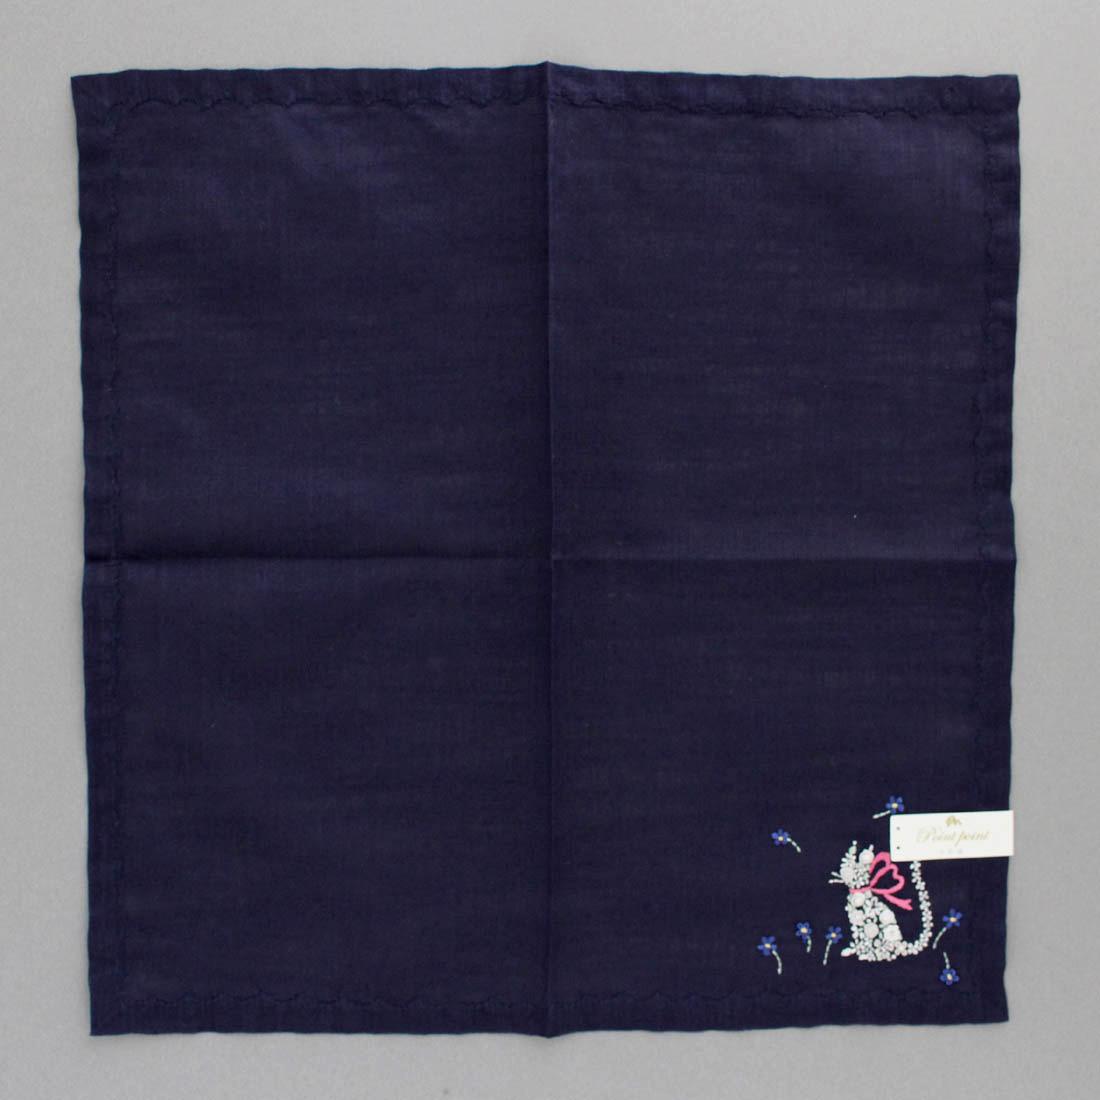 ベトナム手刺繍ハンカチ ネコ 6507 ネイビー